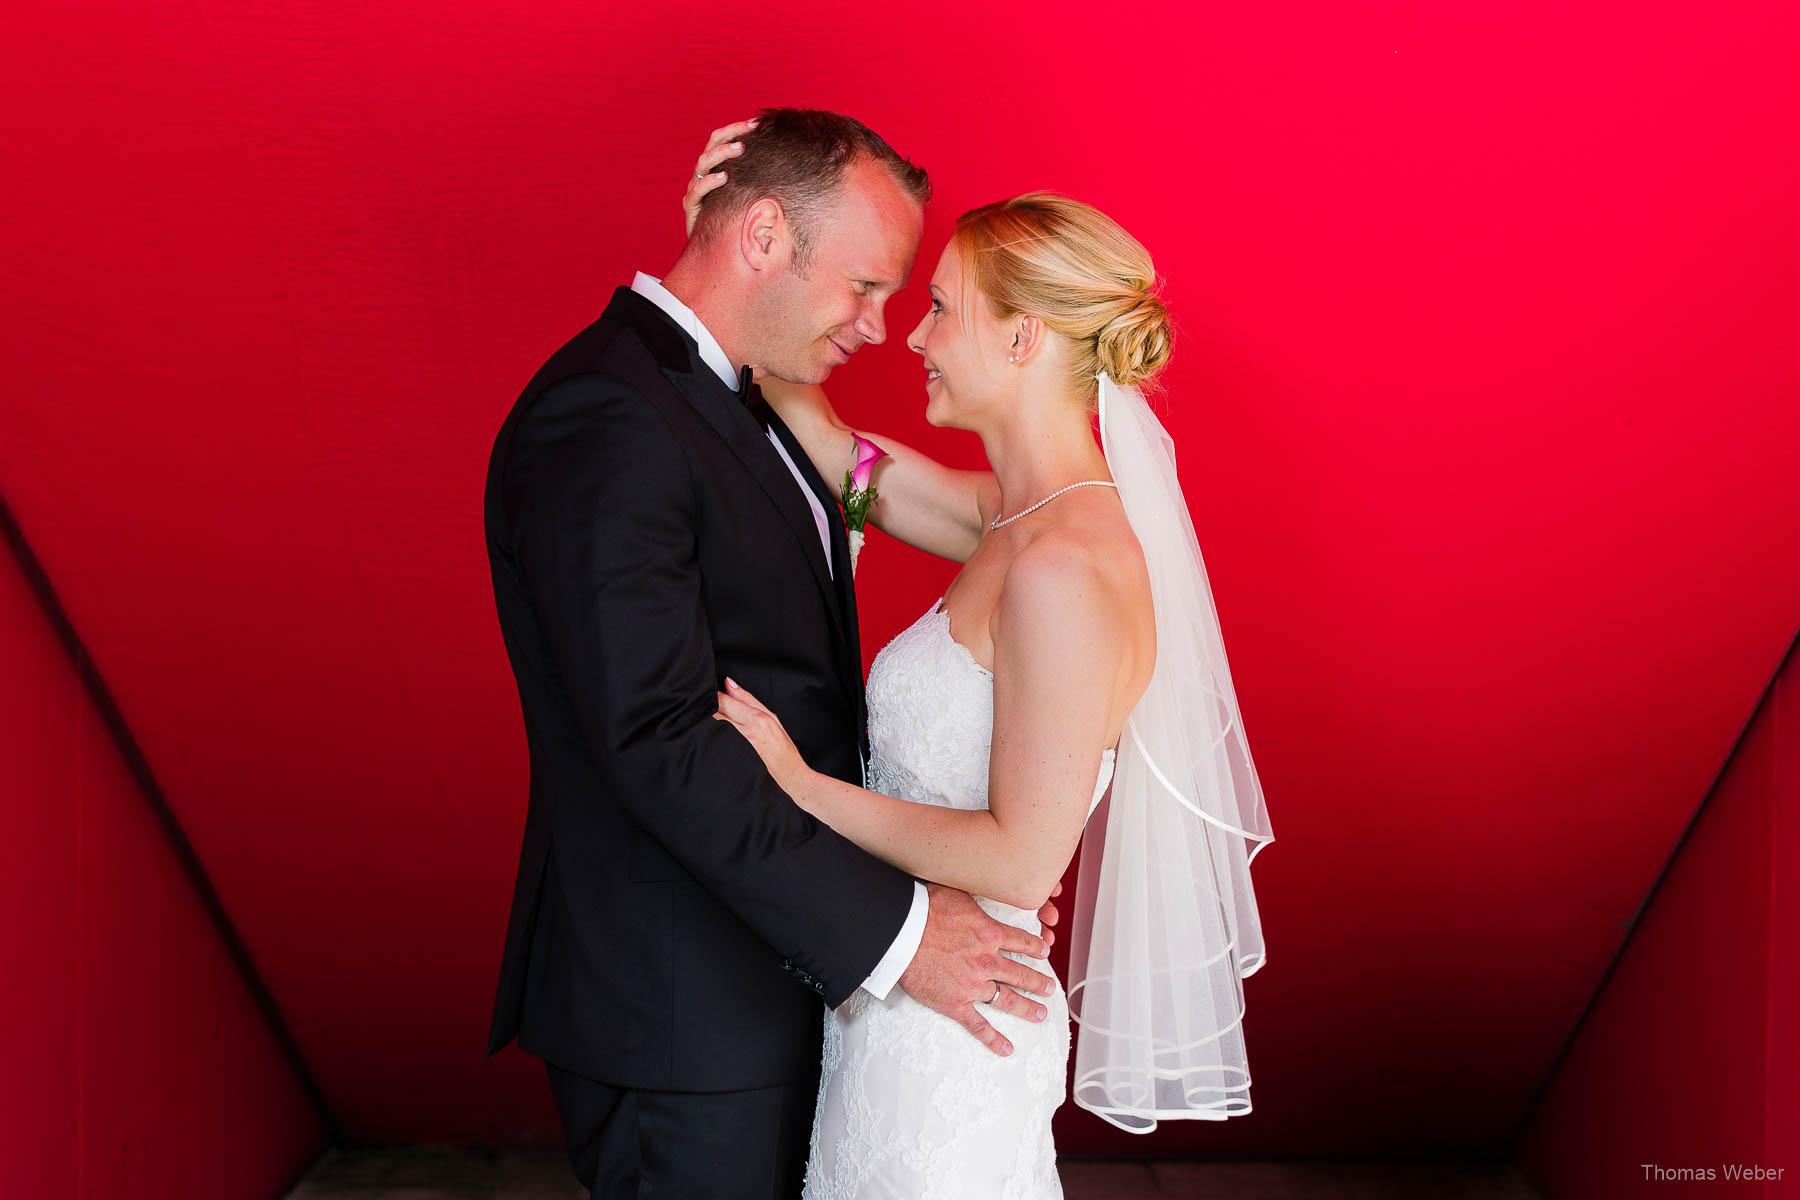 Fotografieren der Hochzeitsfotos in Oldenburg, Hochzeitsfotograf Thomas Weber